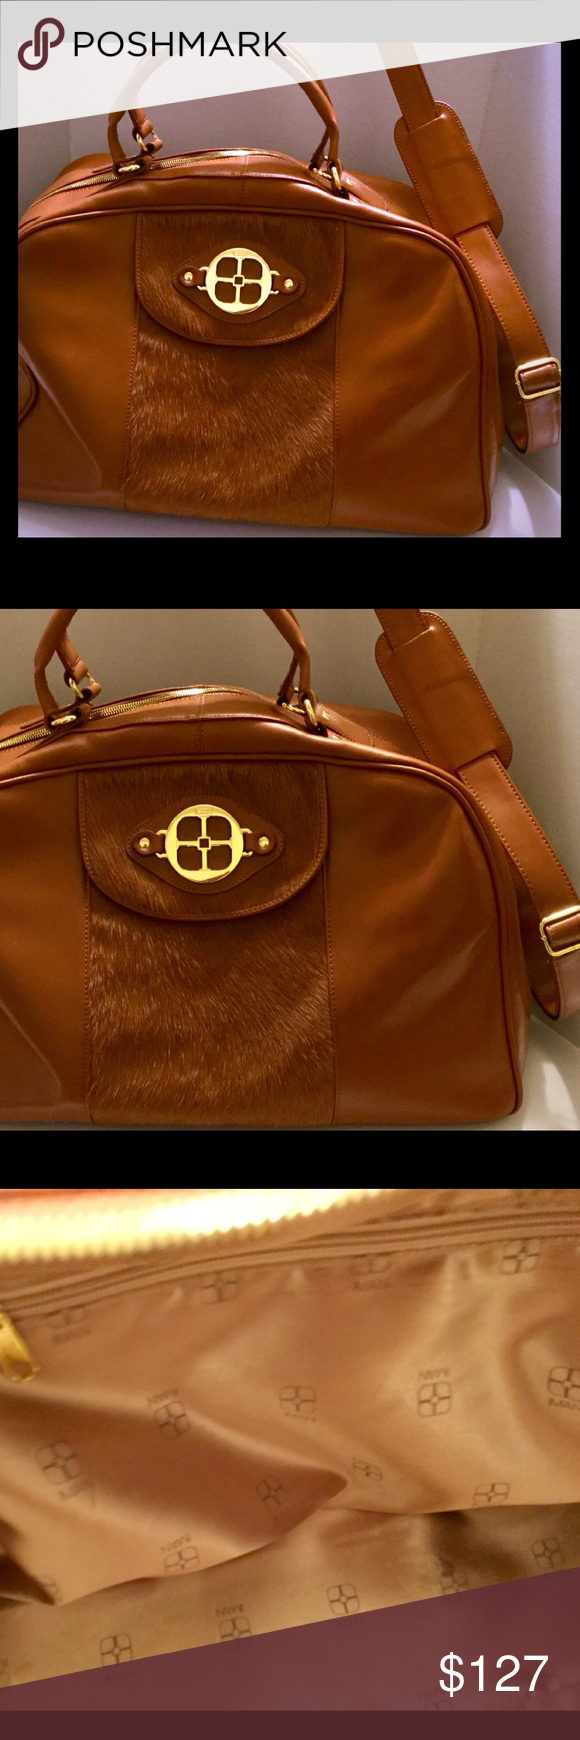 Qvc Iman Handbags